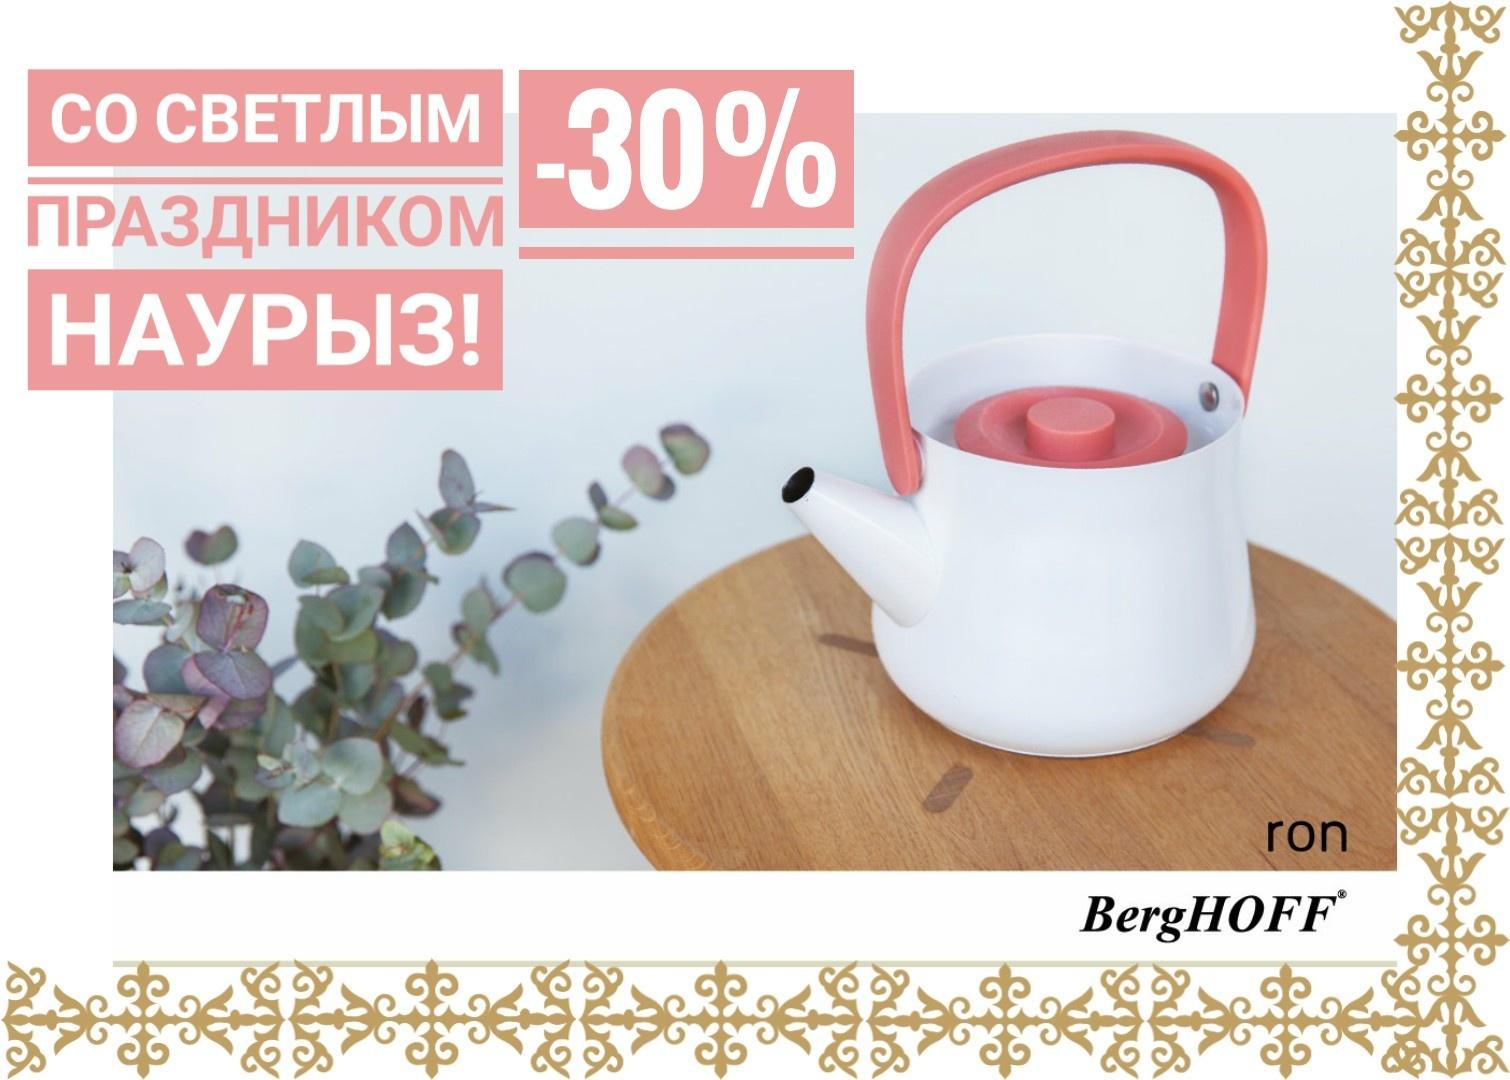 В честь светлого праздника Наурыз, в магазинах BergHOFF действует скидка - 30% на весь ассортимент.